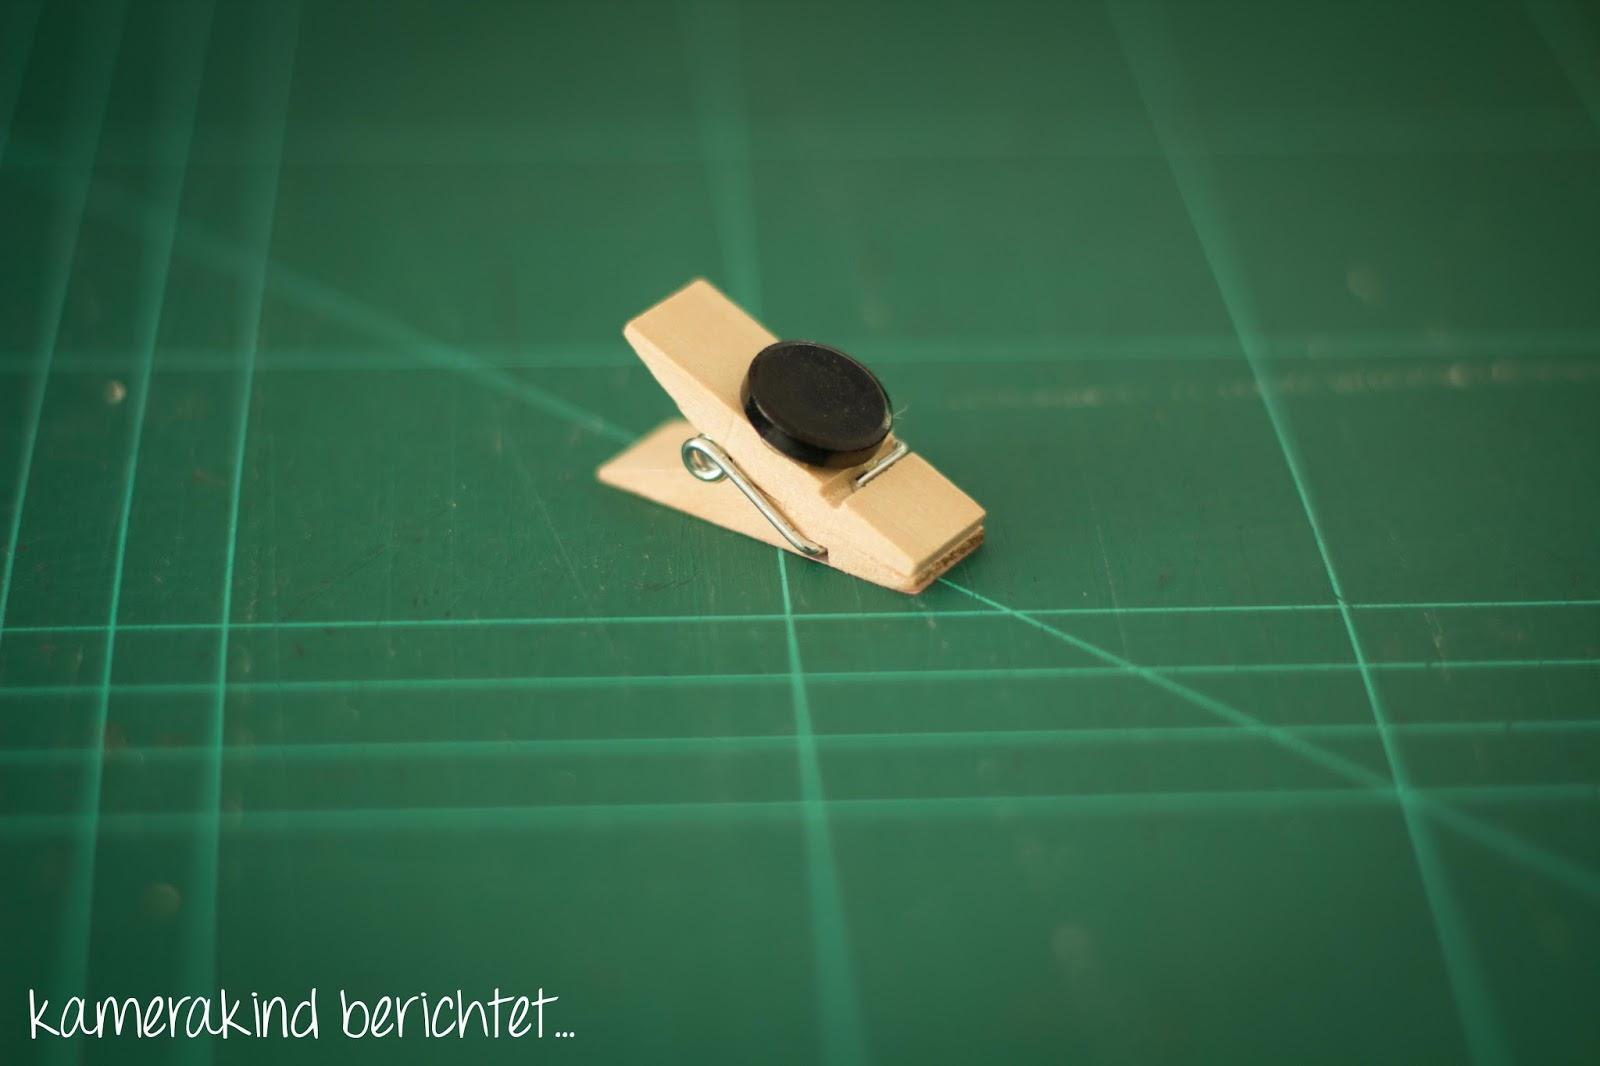 Mit der Heißklebepistole lassen sich schnel Magneten überall befestigen!